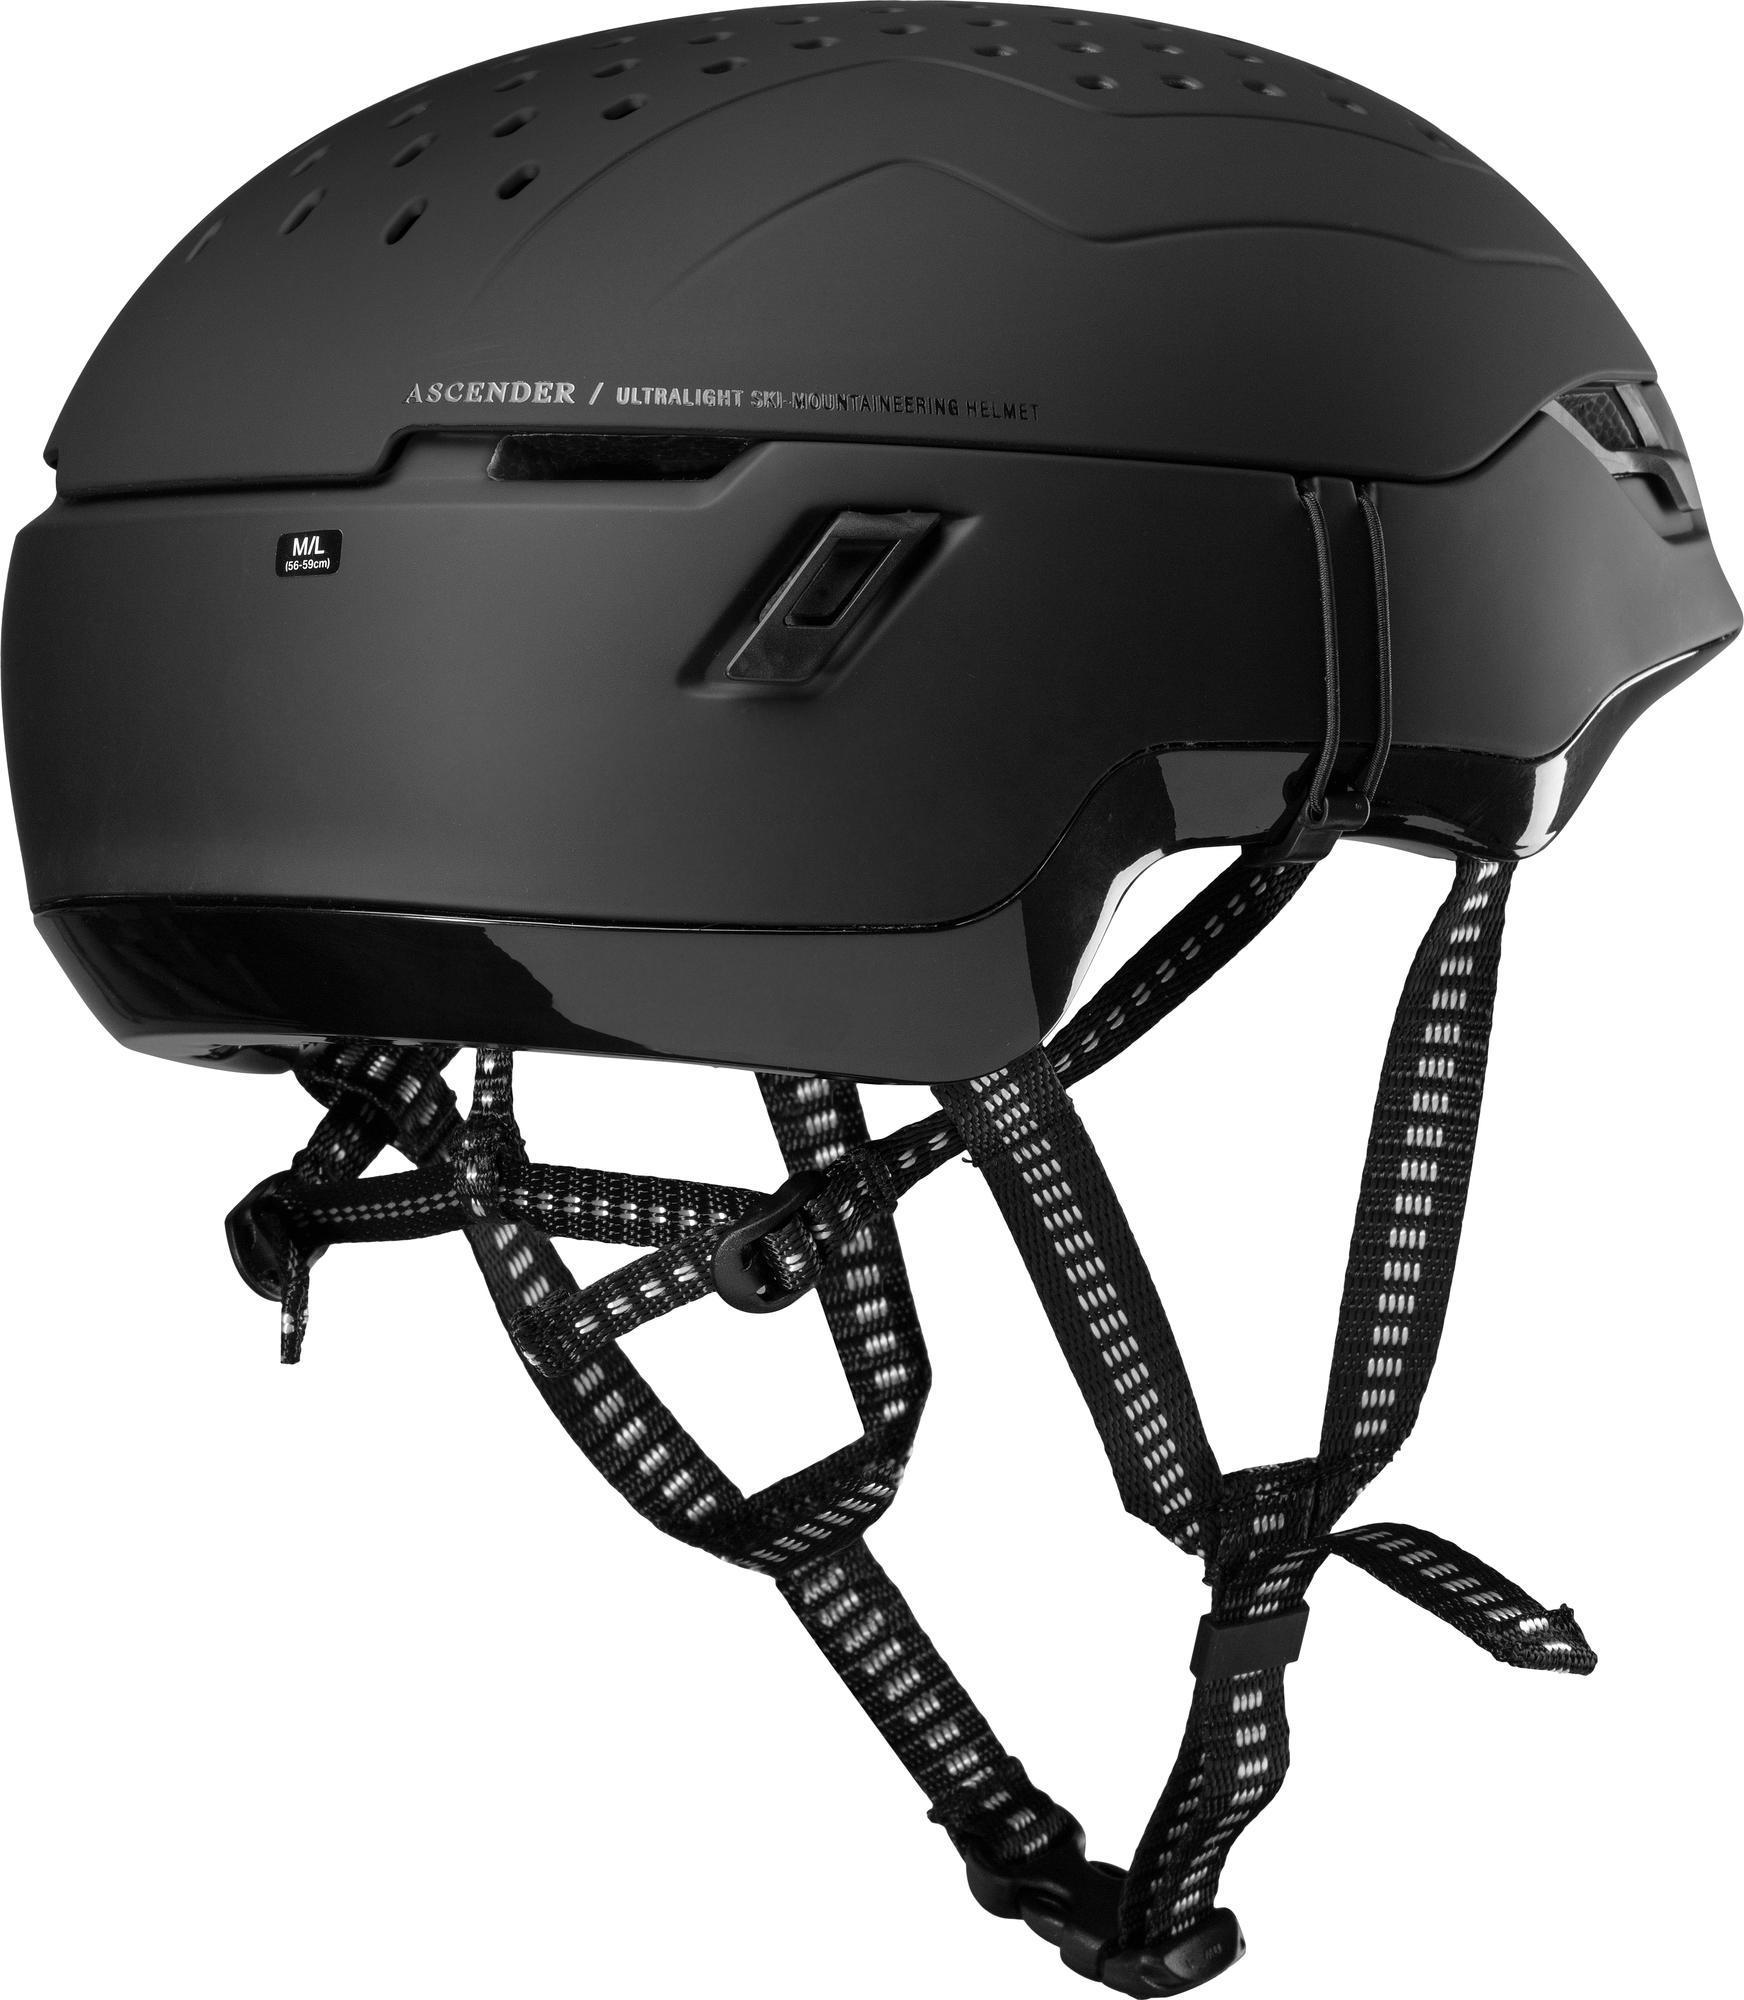 helma Sweet Protection ascender-black II.jpg